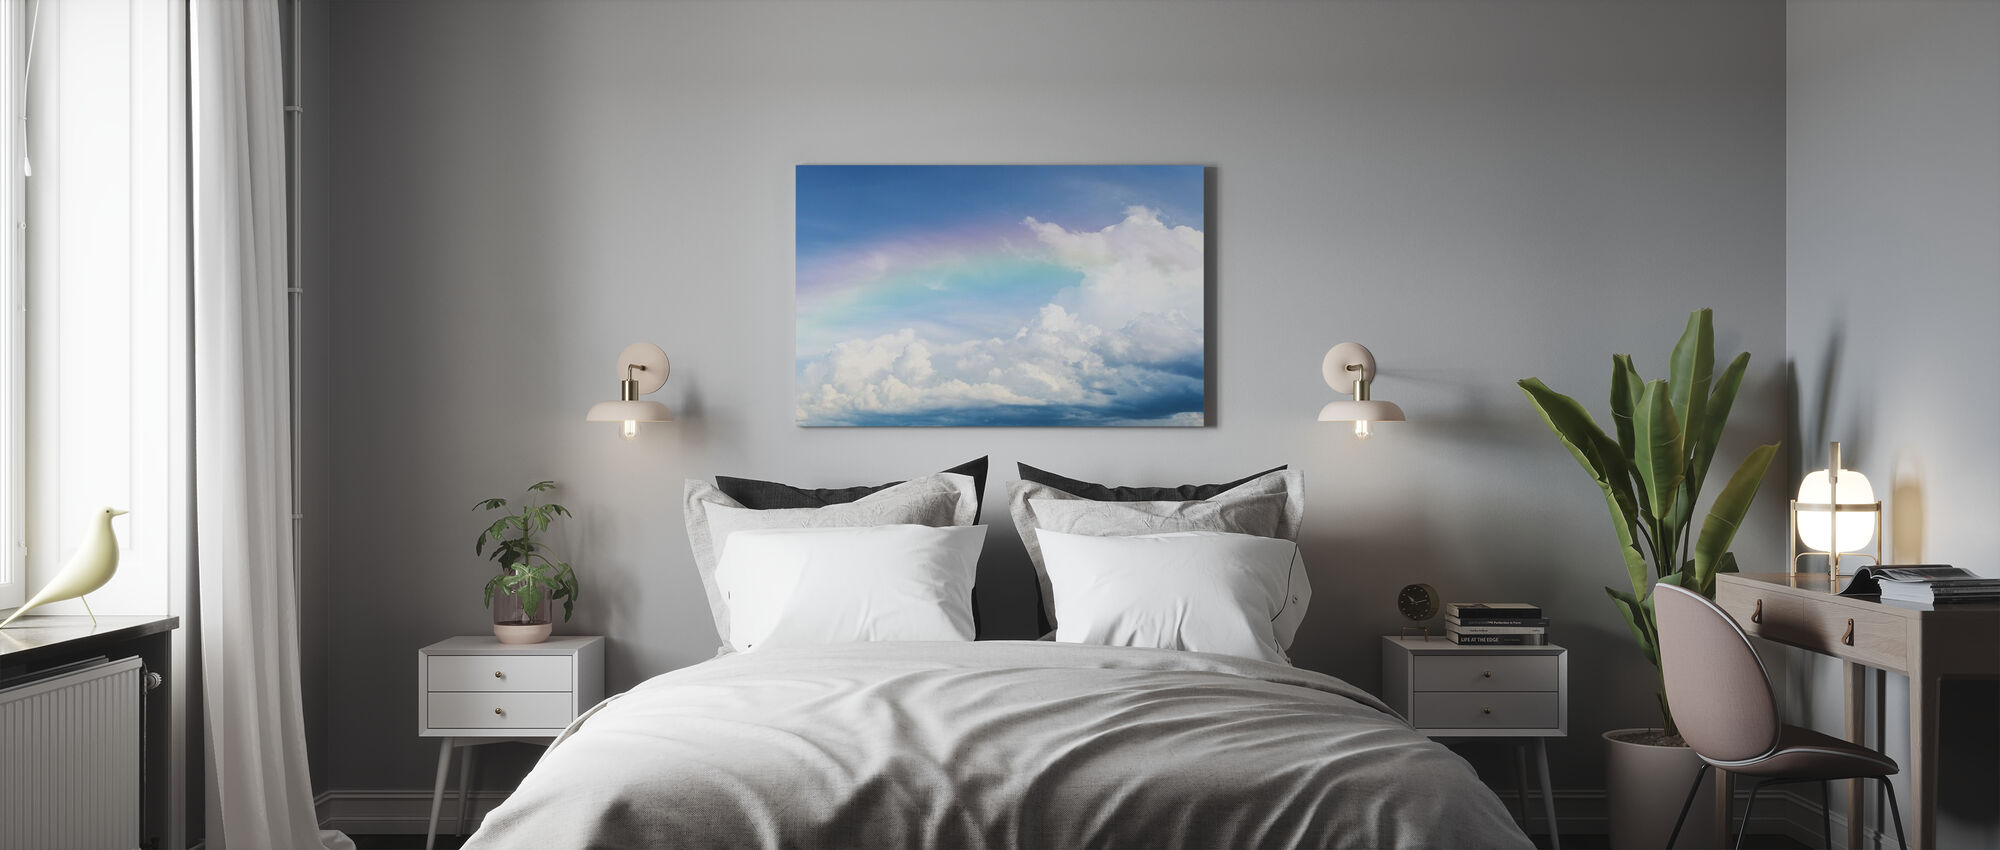 Rainbow on Cloudy Sky - Canvas print - Bedroom